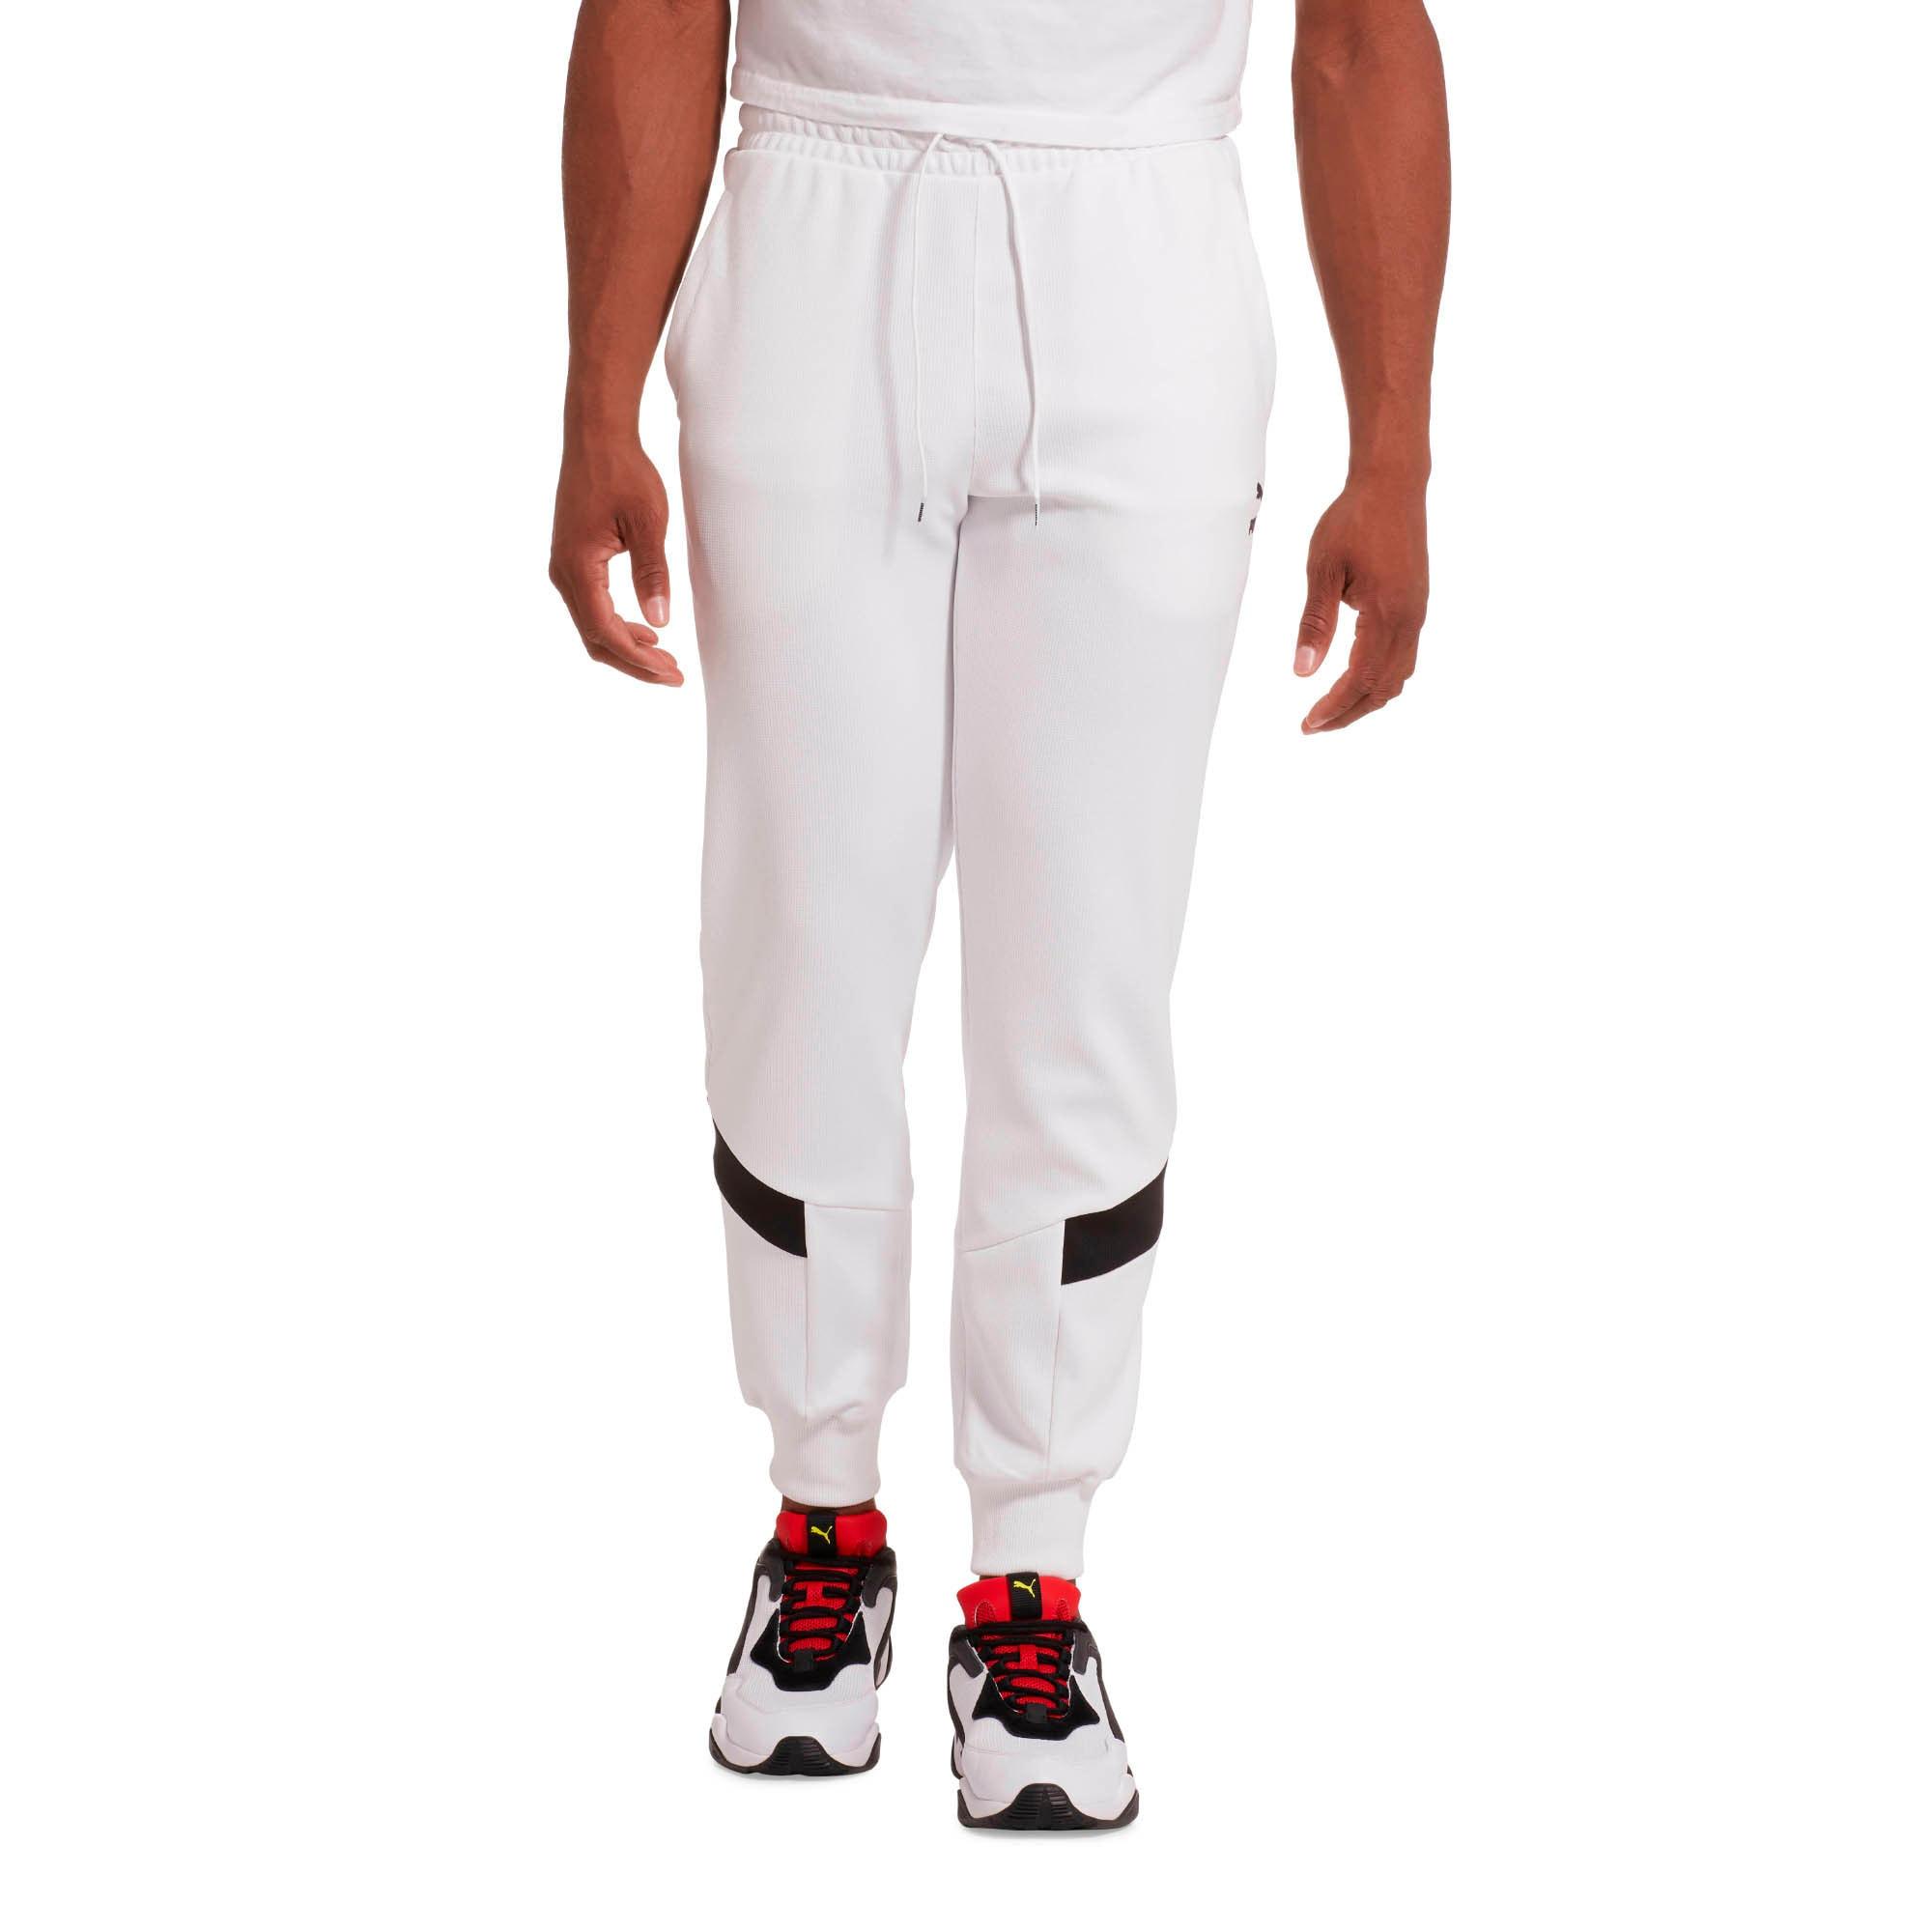 Thumbnail 2 of Iconic MCS Men's Mesh Track Pants, Puma White, medium